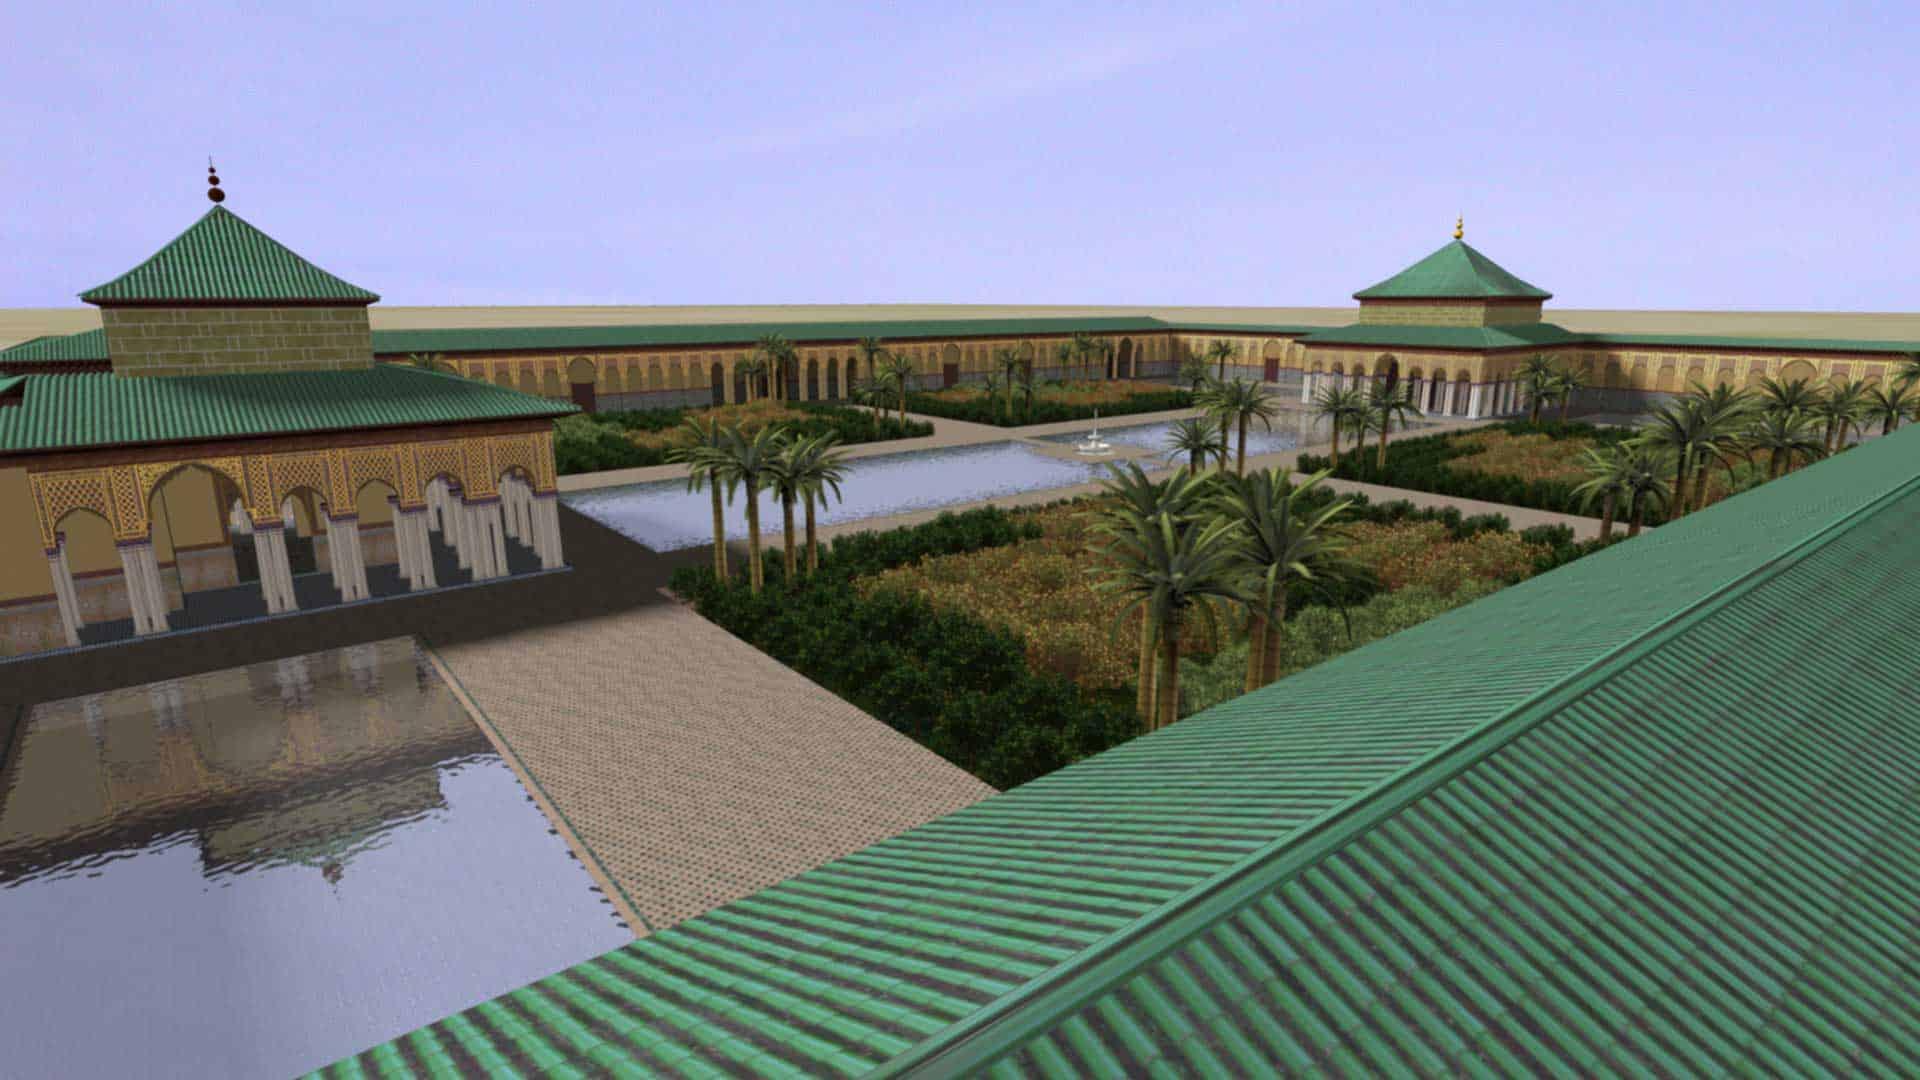 El Badii Palace Marrakech Morocco